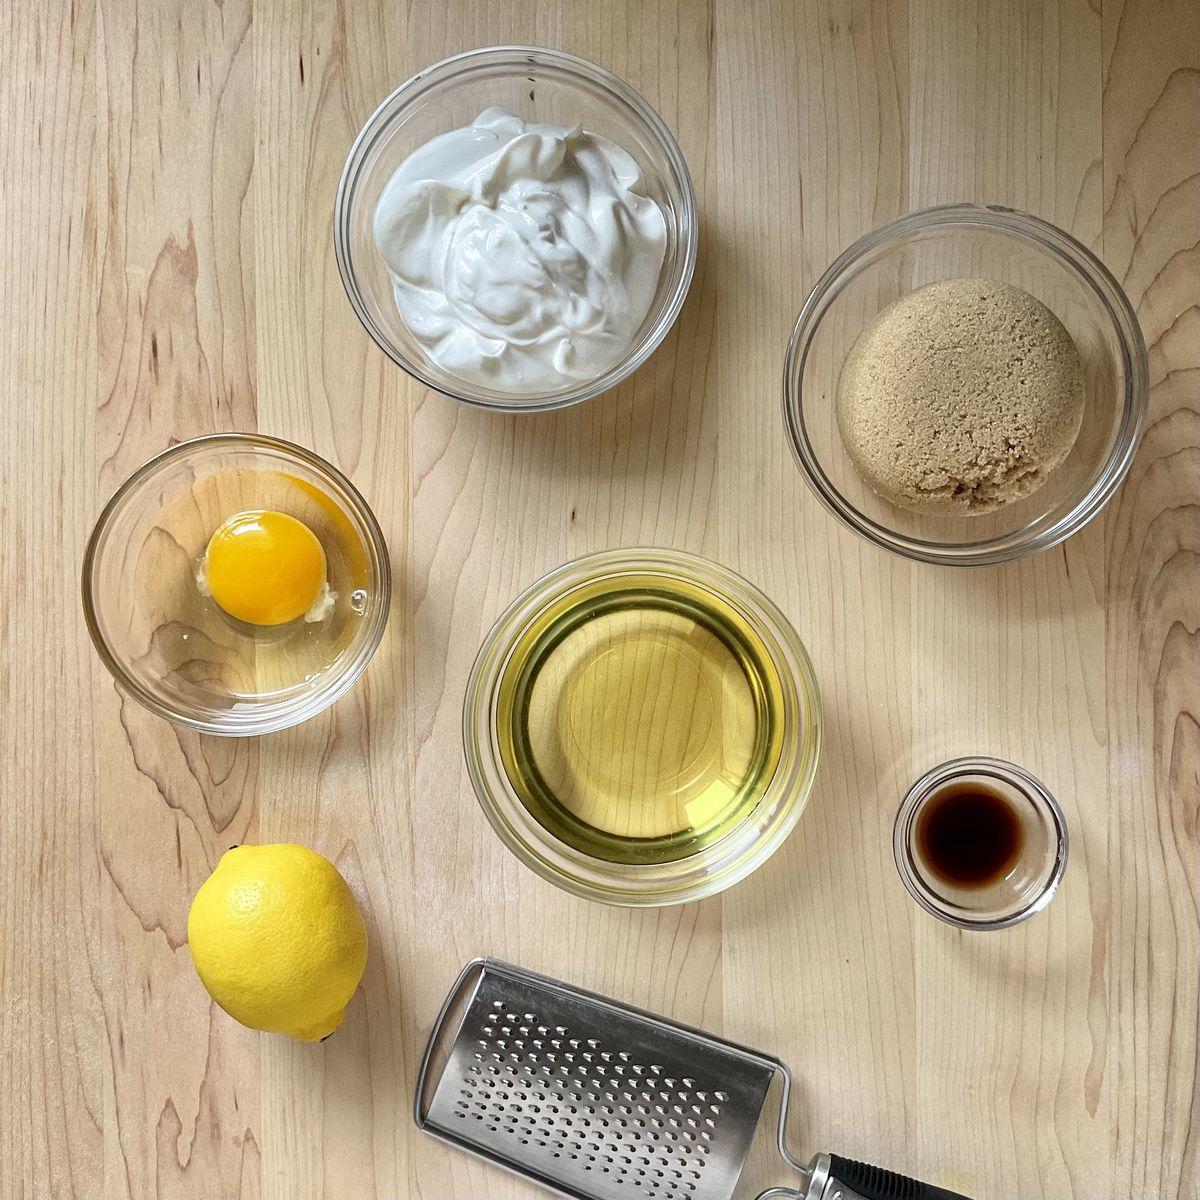 Wet ingredients in separate bowls.